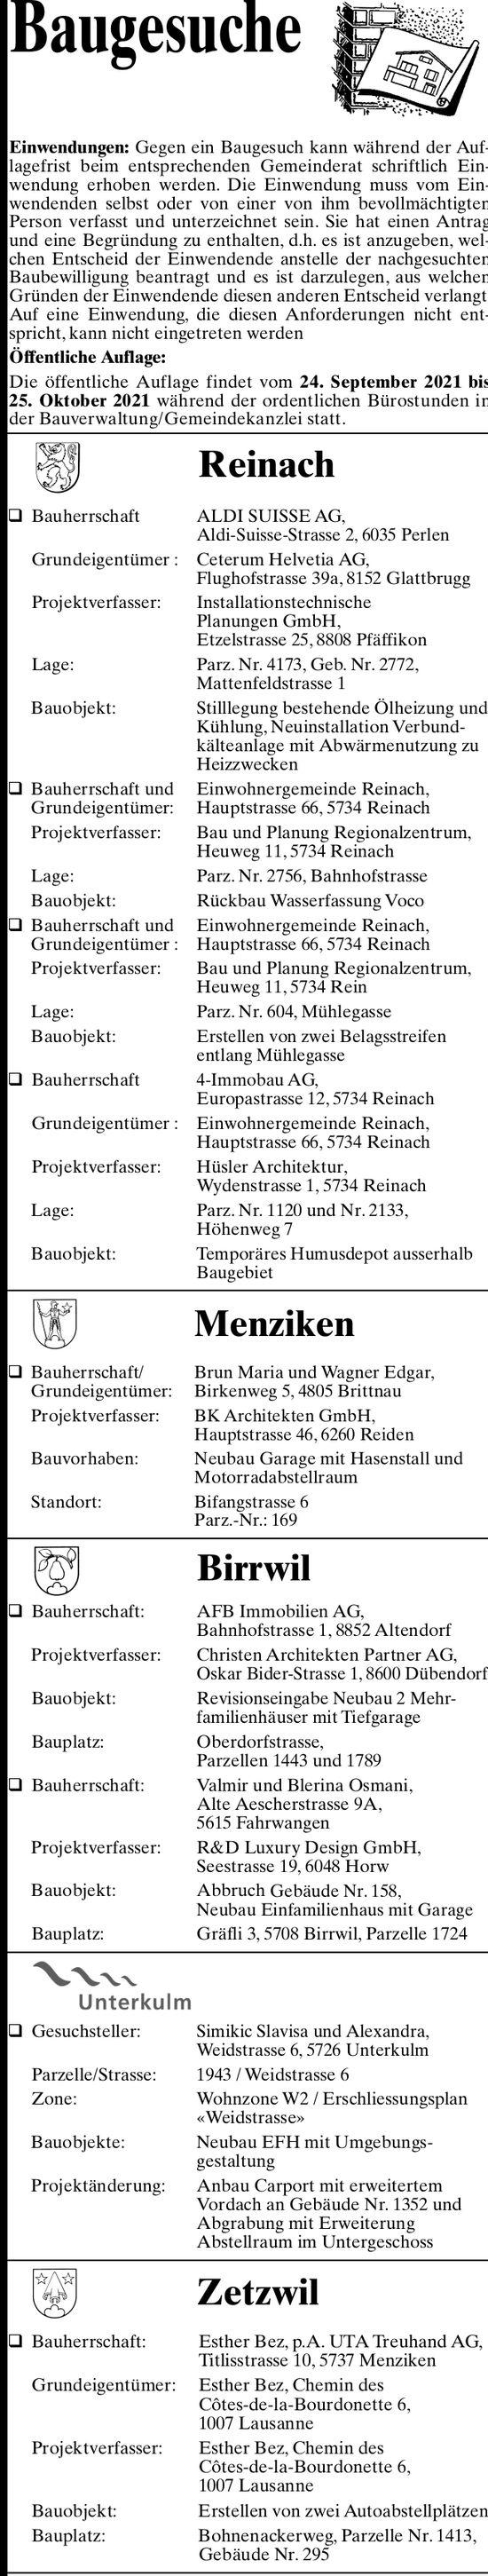 Baugesuche - Reinach, Menziken, Birrwil, Unterkulm & Zetzwil